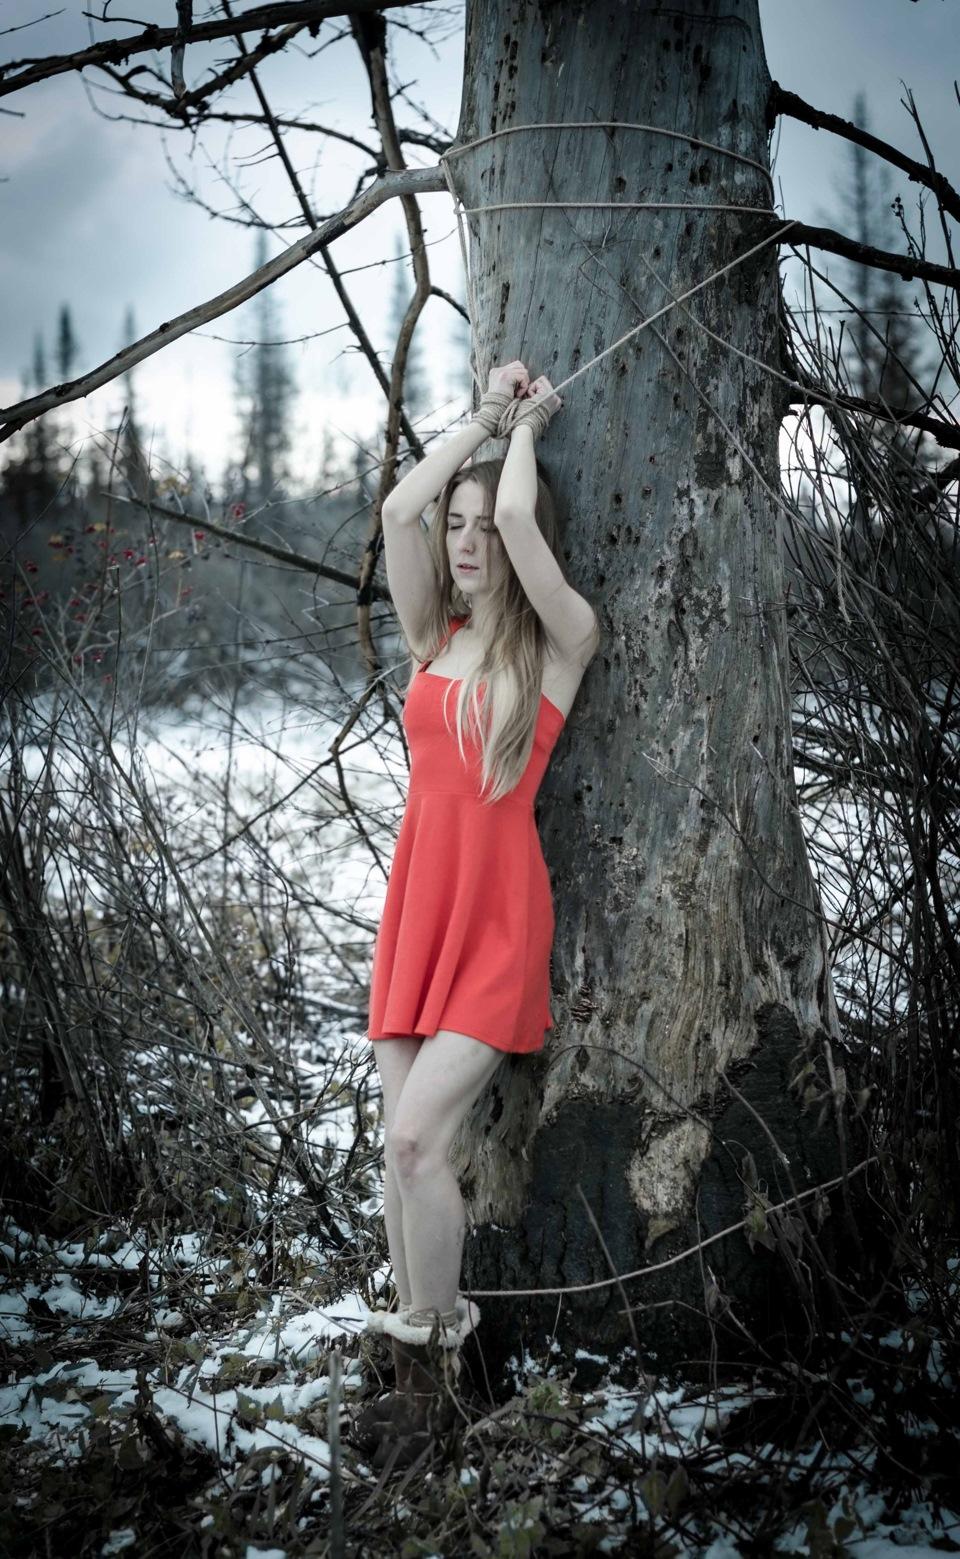 прибить фото к дереву головою вниз отомстить байкал поиск